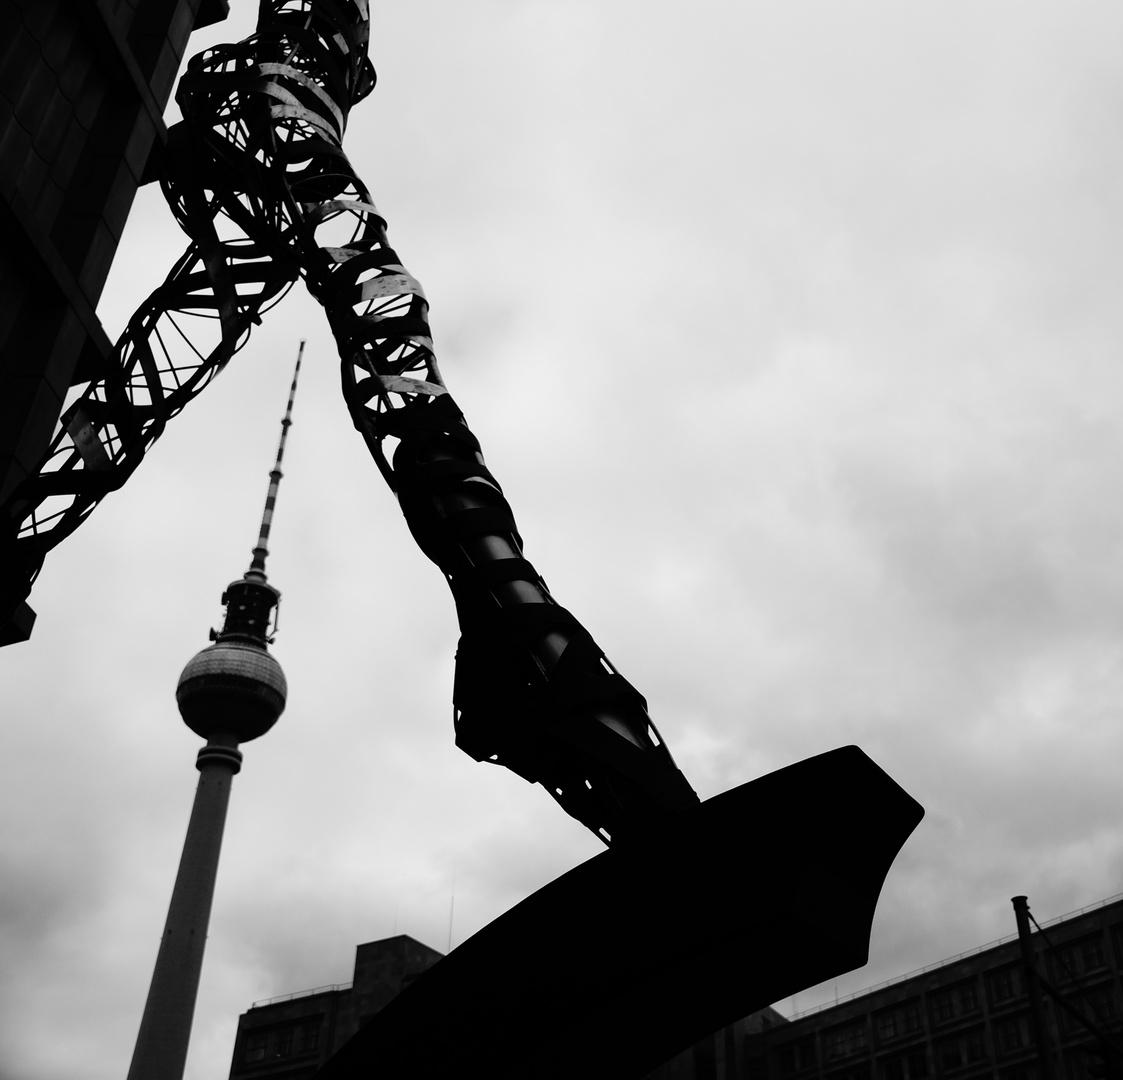 Über den Turm